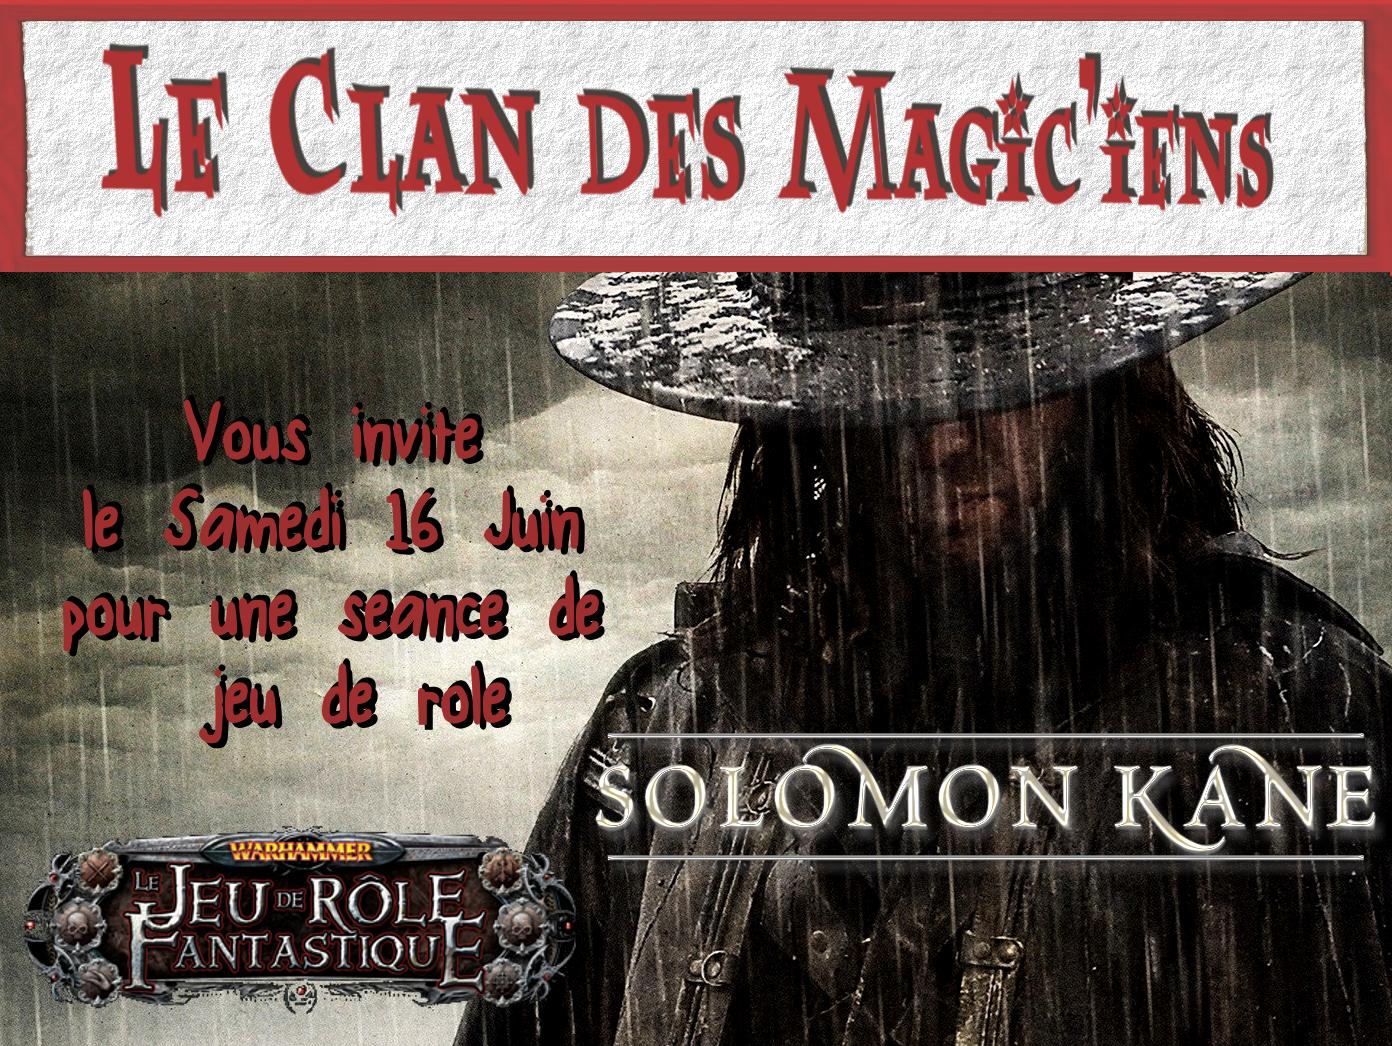 Samedi 16 Juin : Jeu de rôle : Solomon Kane à partir de 14 h et Warhammer le soir Owqgw